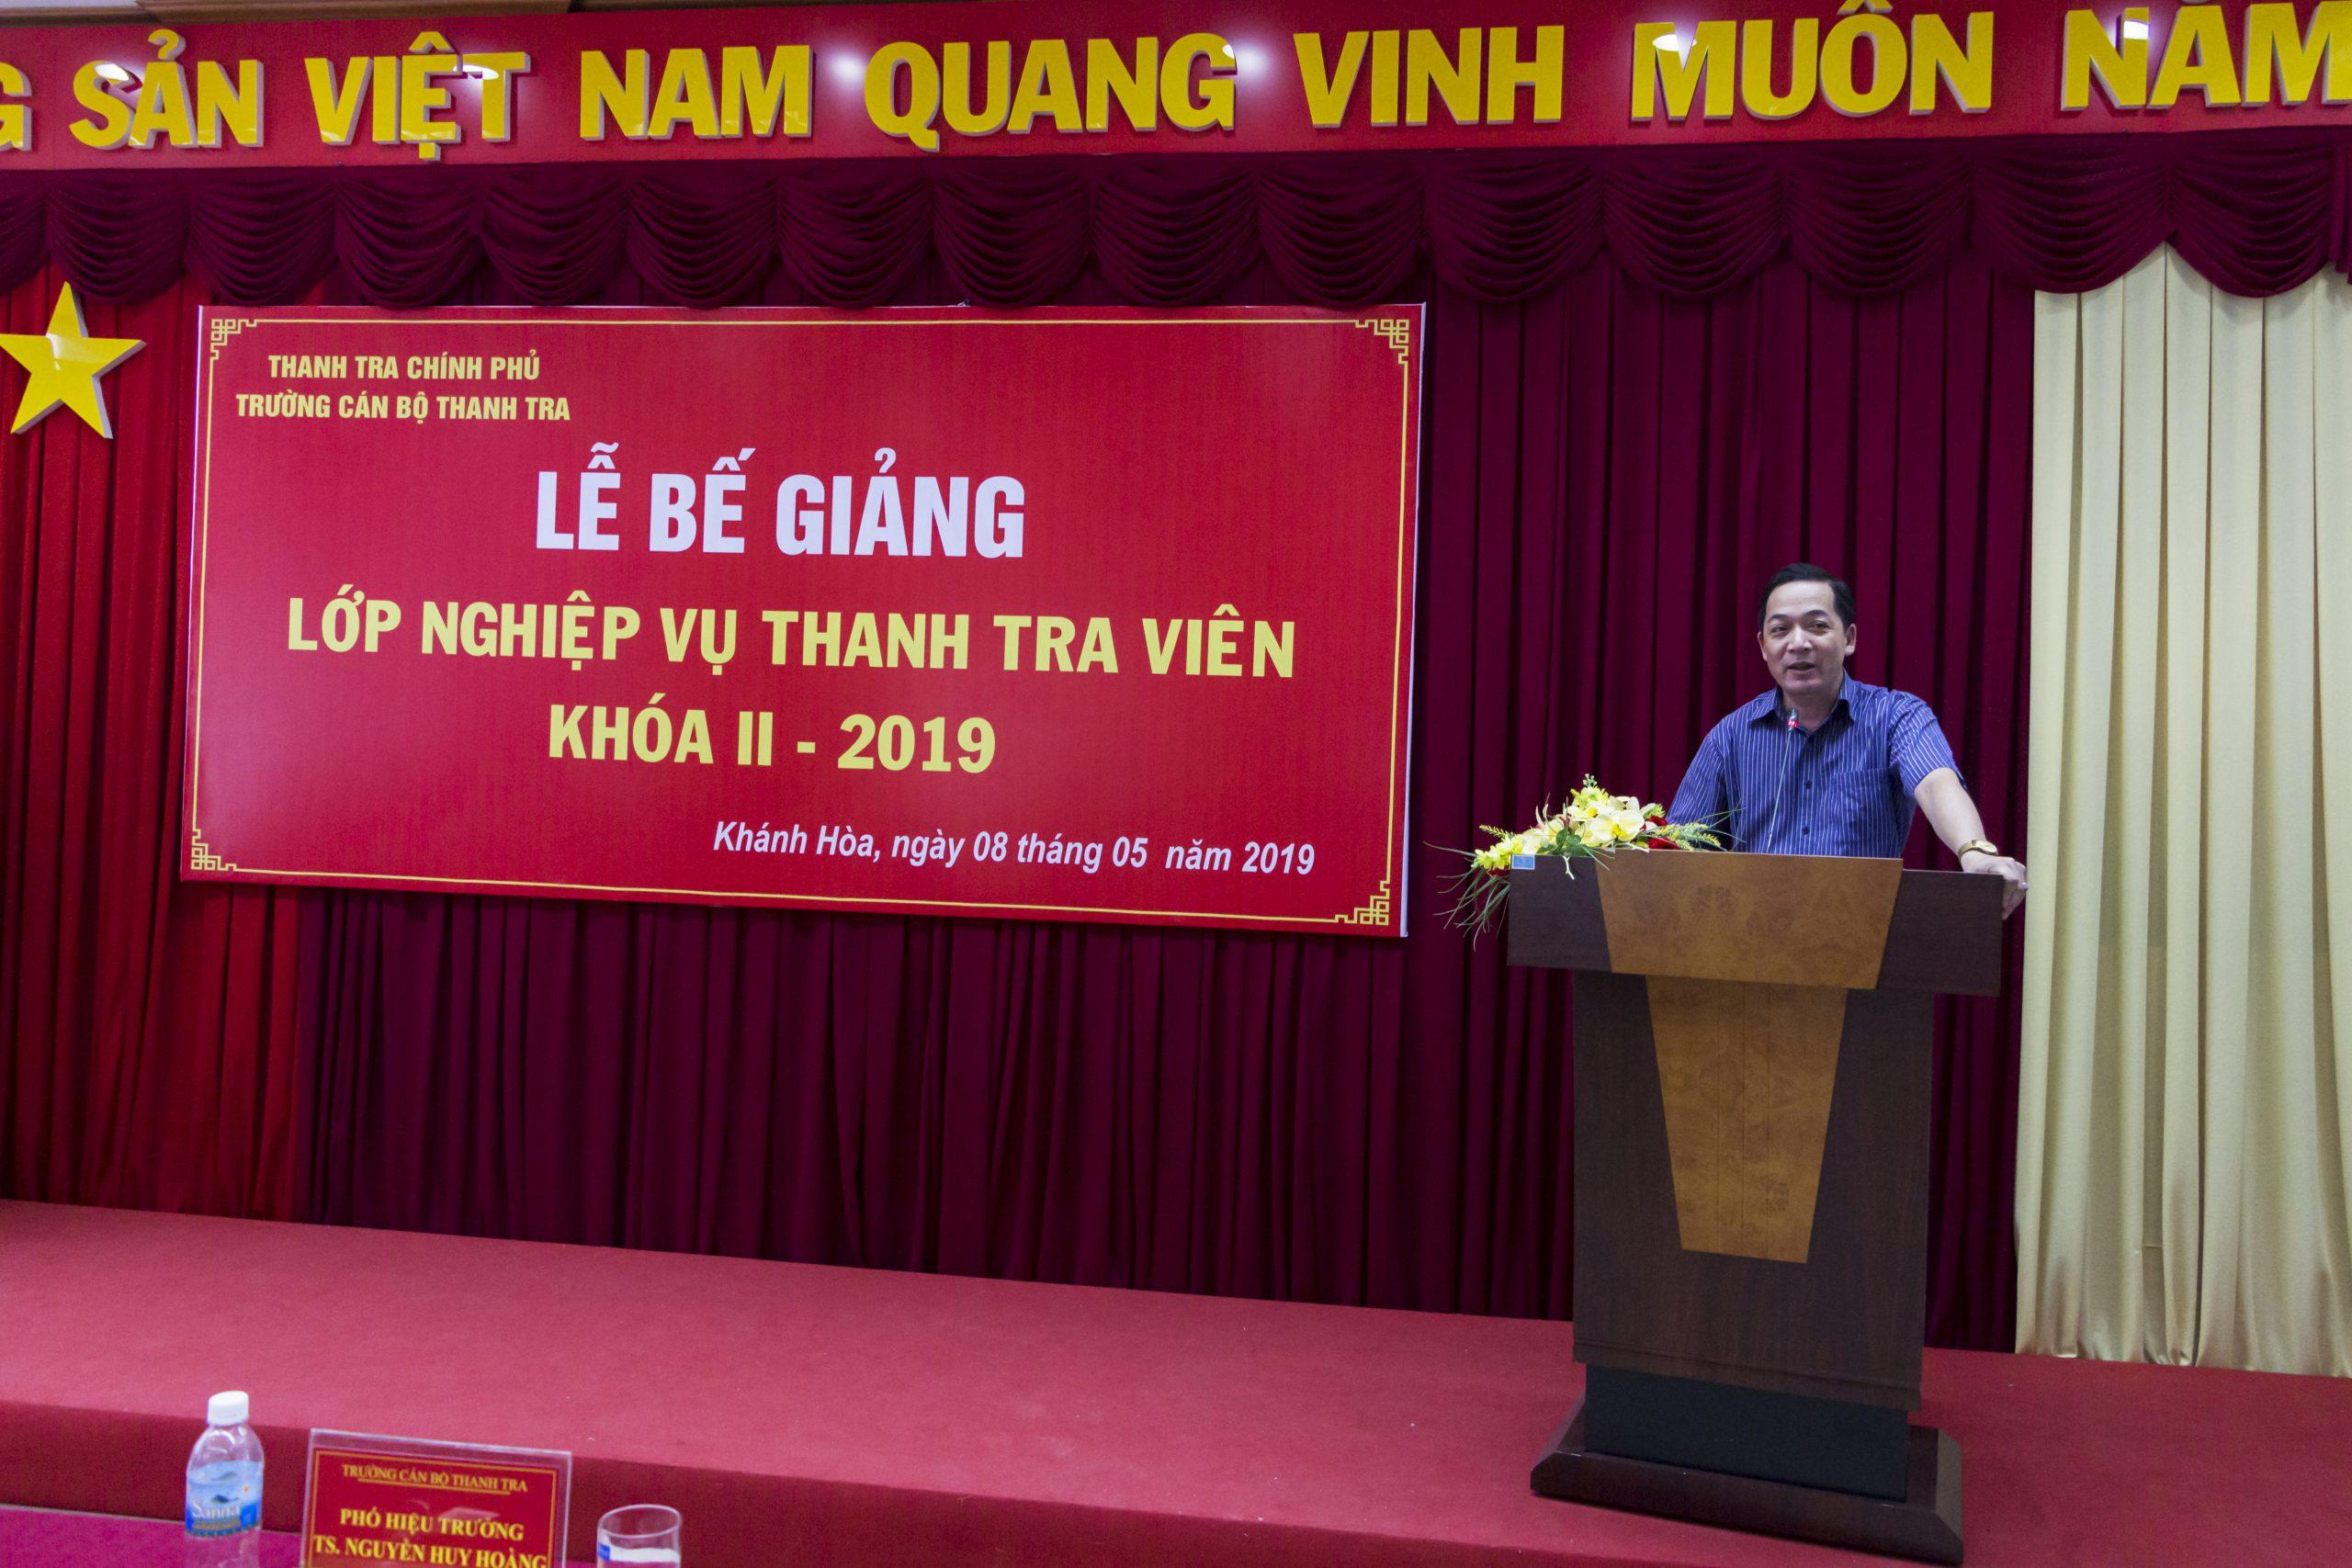 TS Nguyễn Huy Hoàng Phó Hiệu trưởng Trg CBTT phát biểu bế giảng khóa học